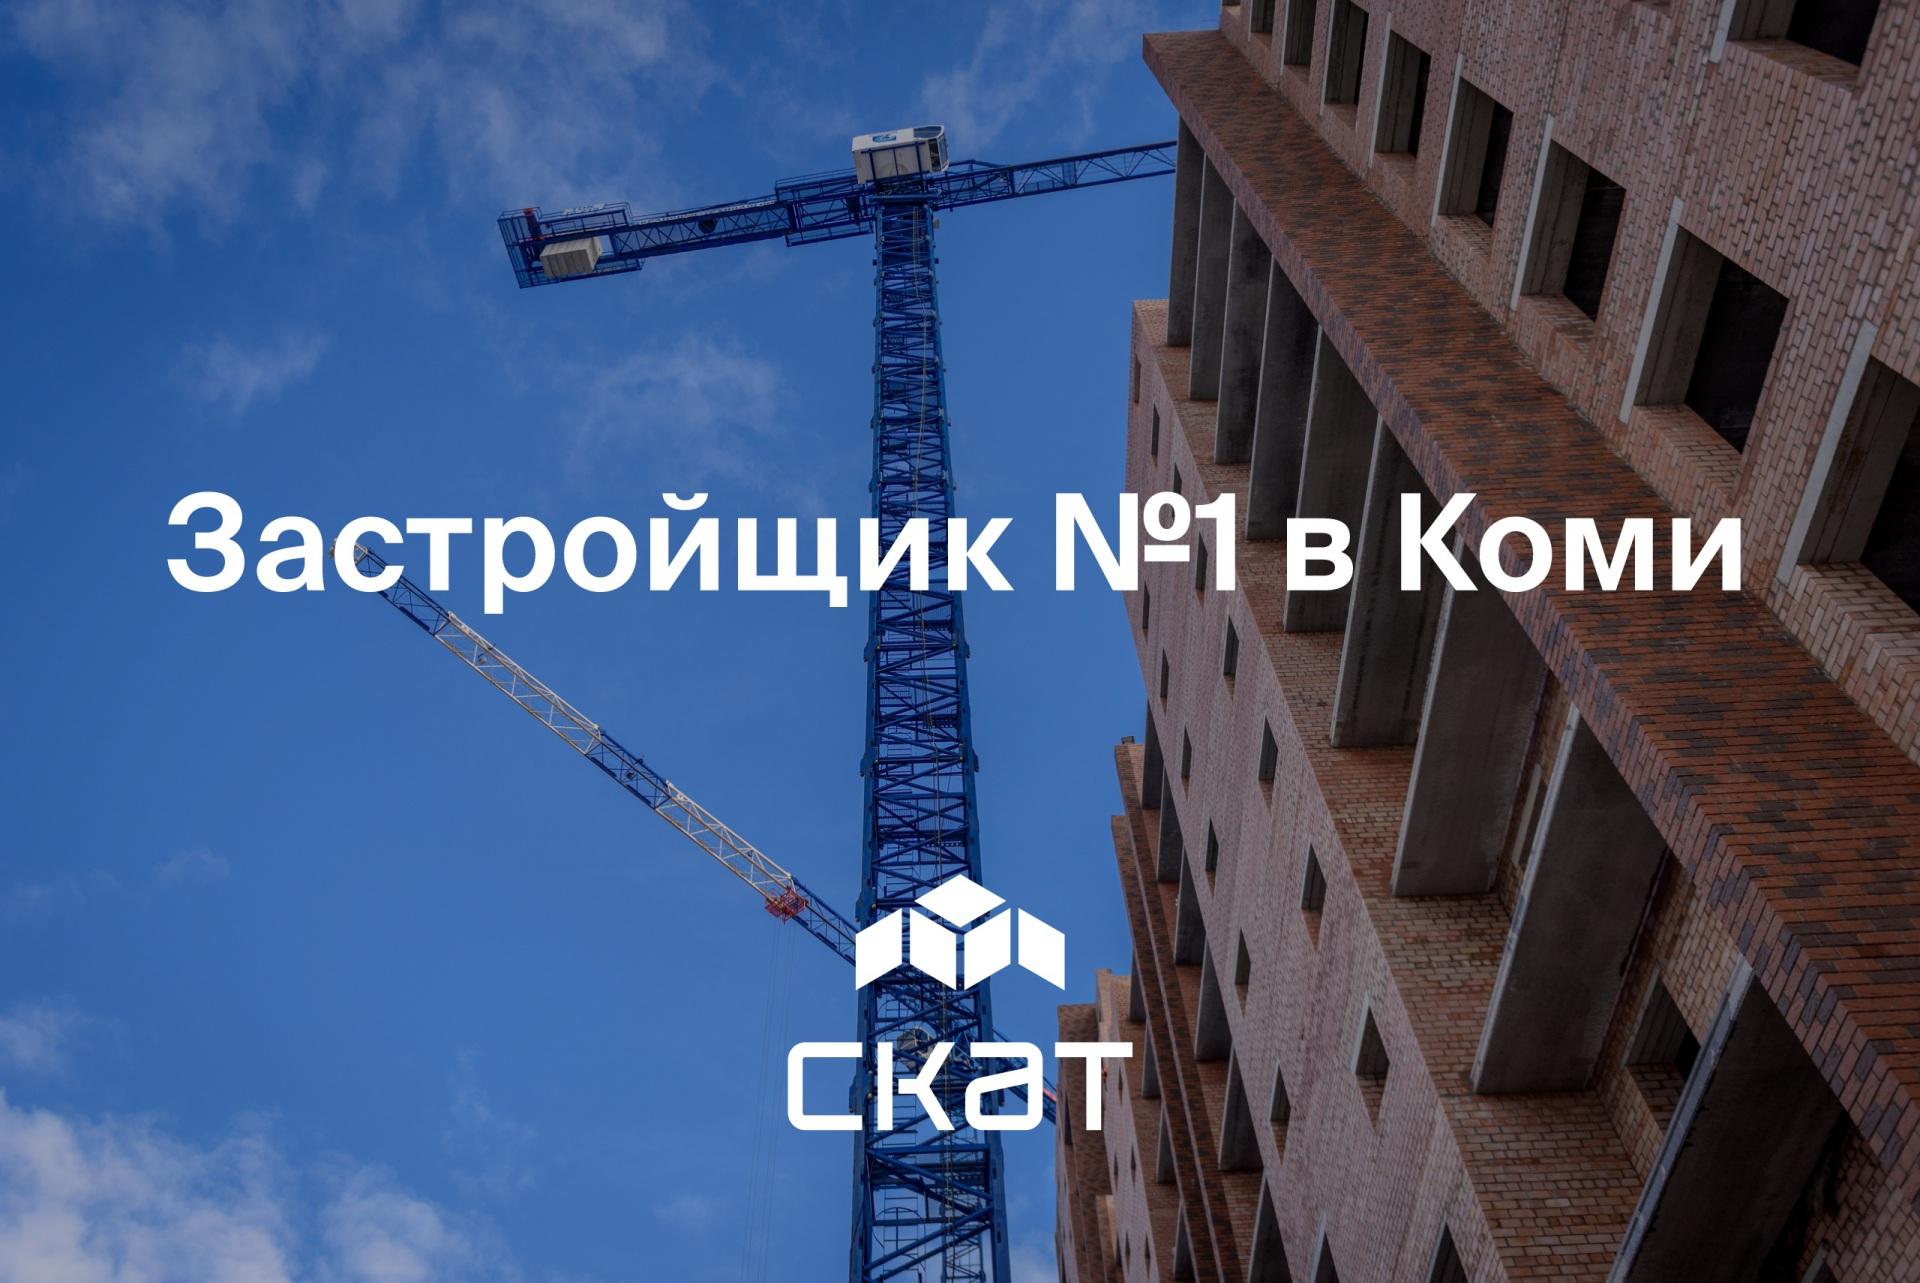 СКАТ — лидер строительной отрасли Коми по итогам 2019 года